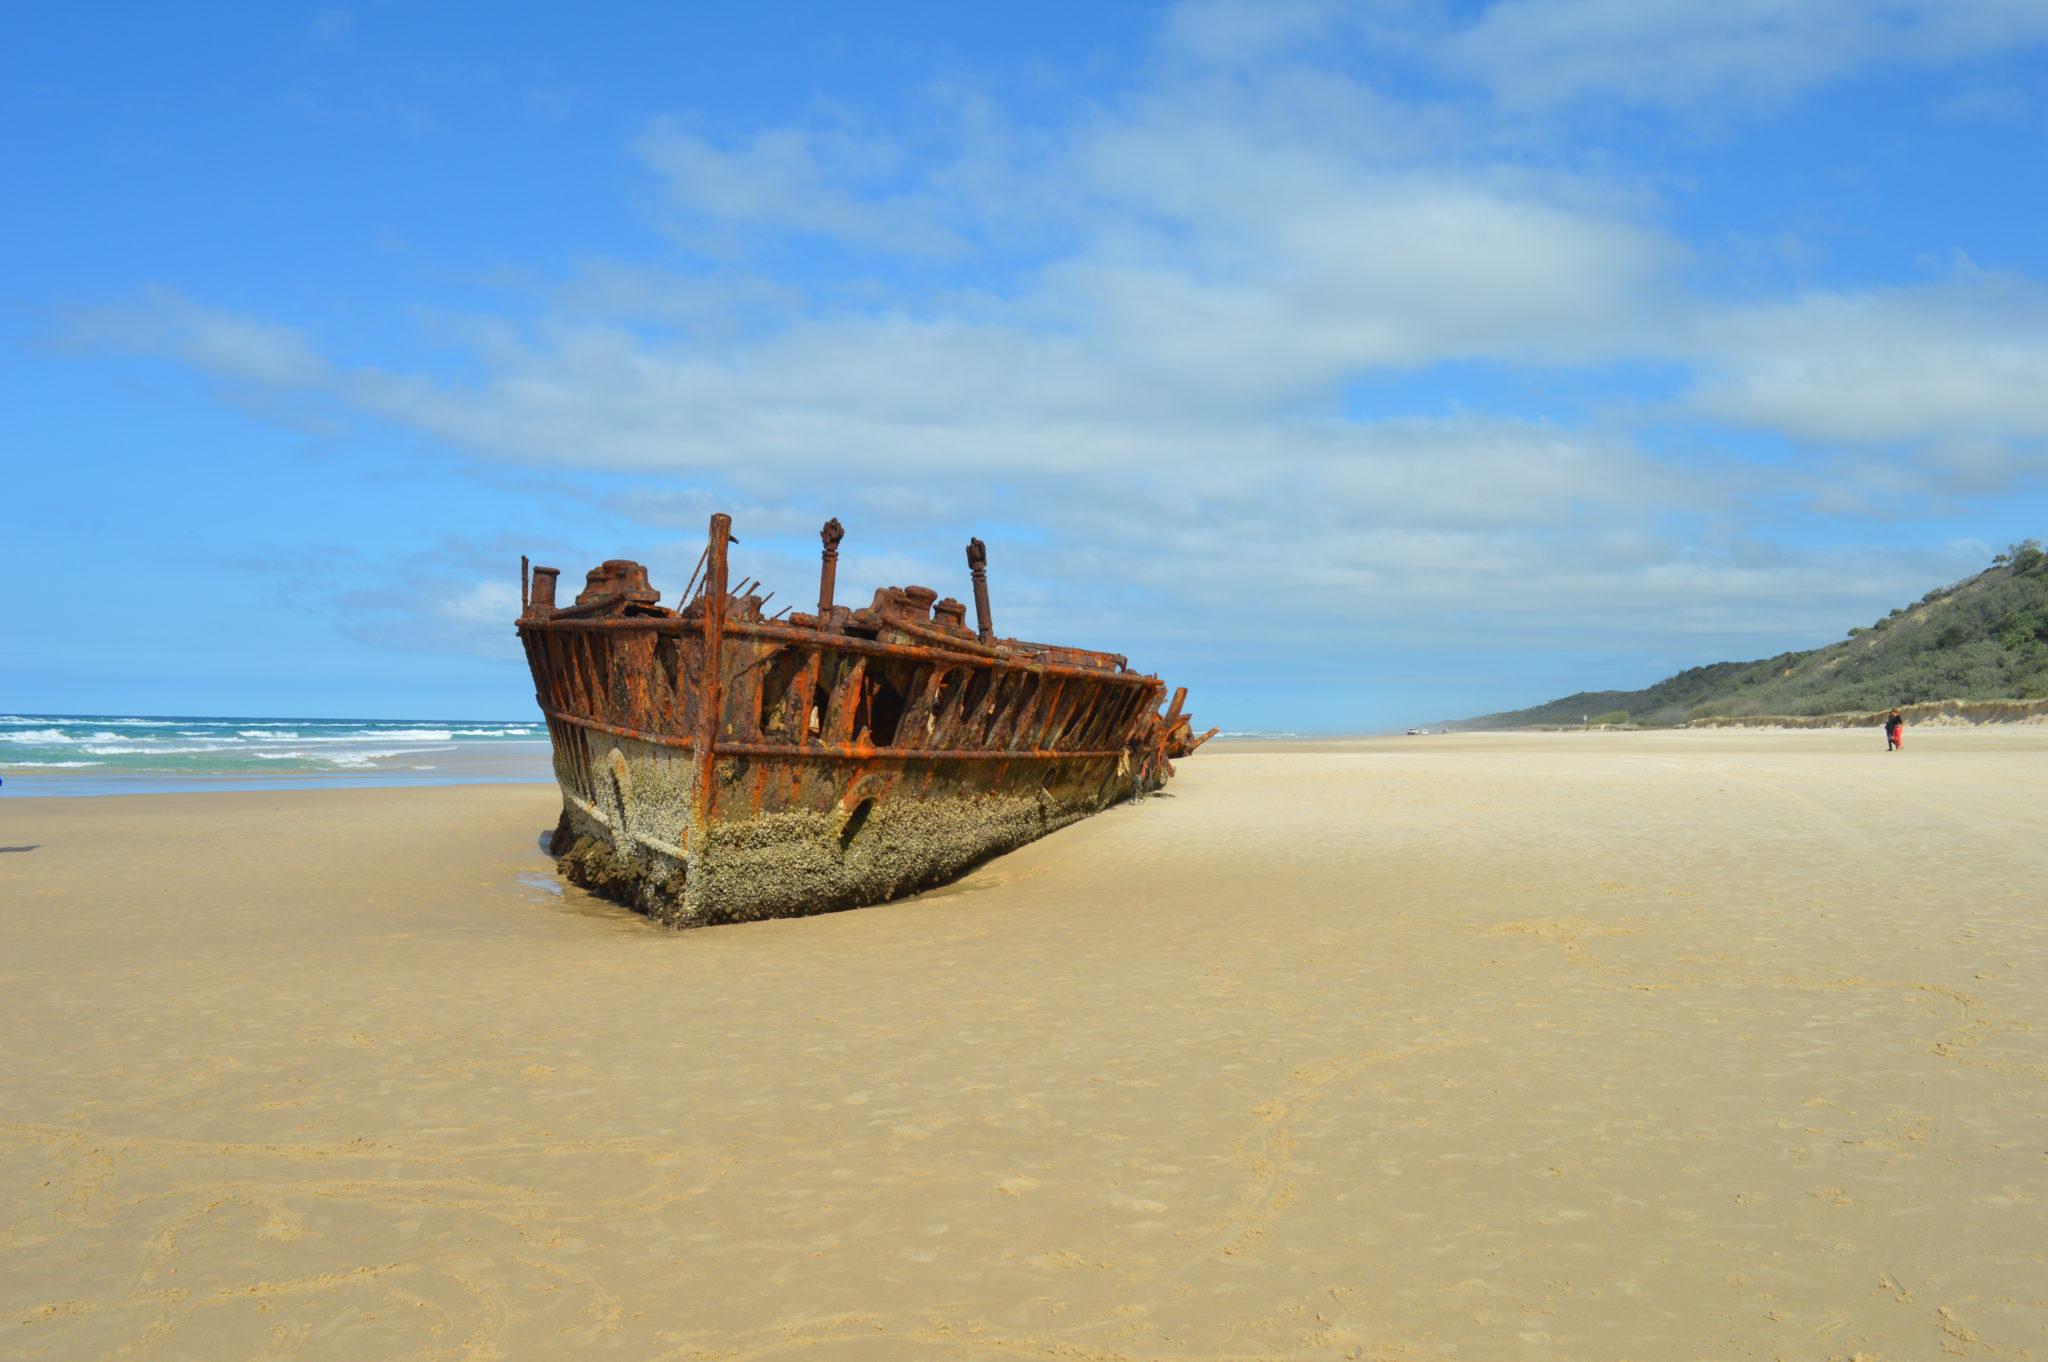 camperreis oostkust Australië